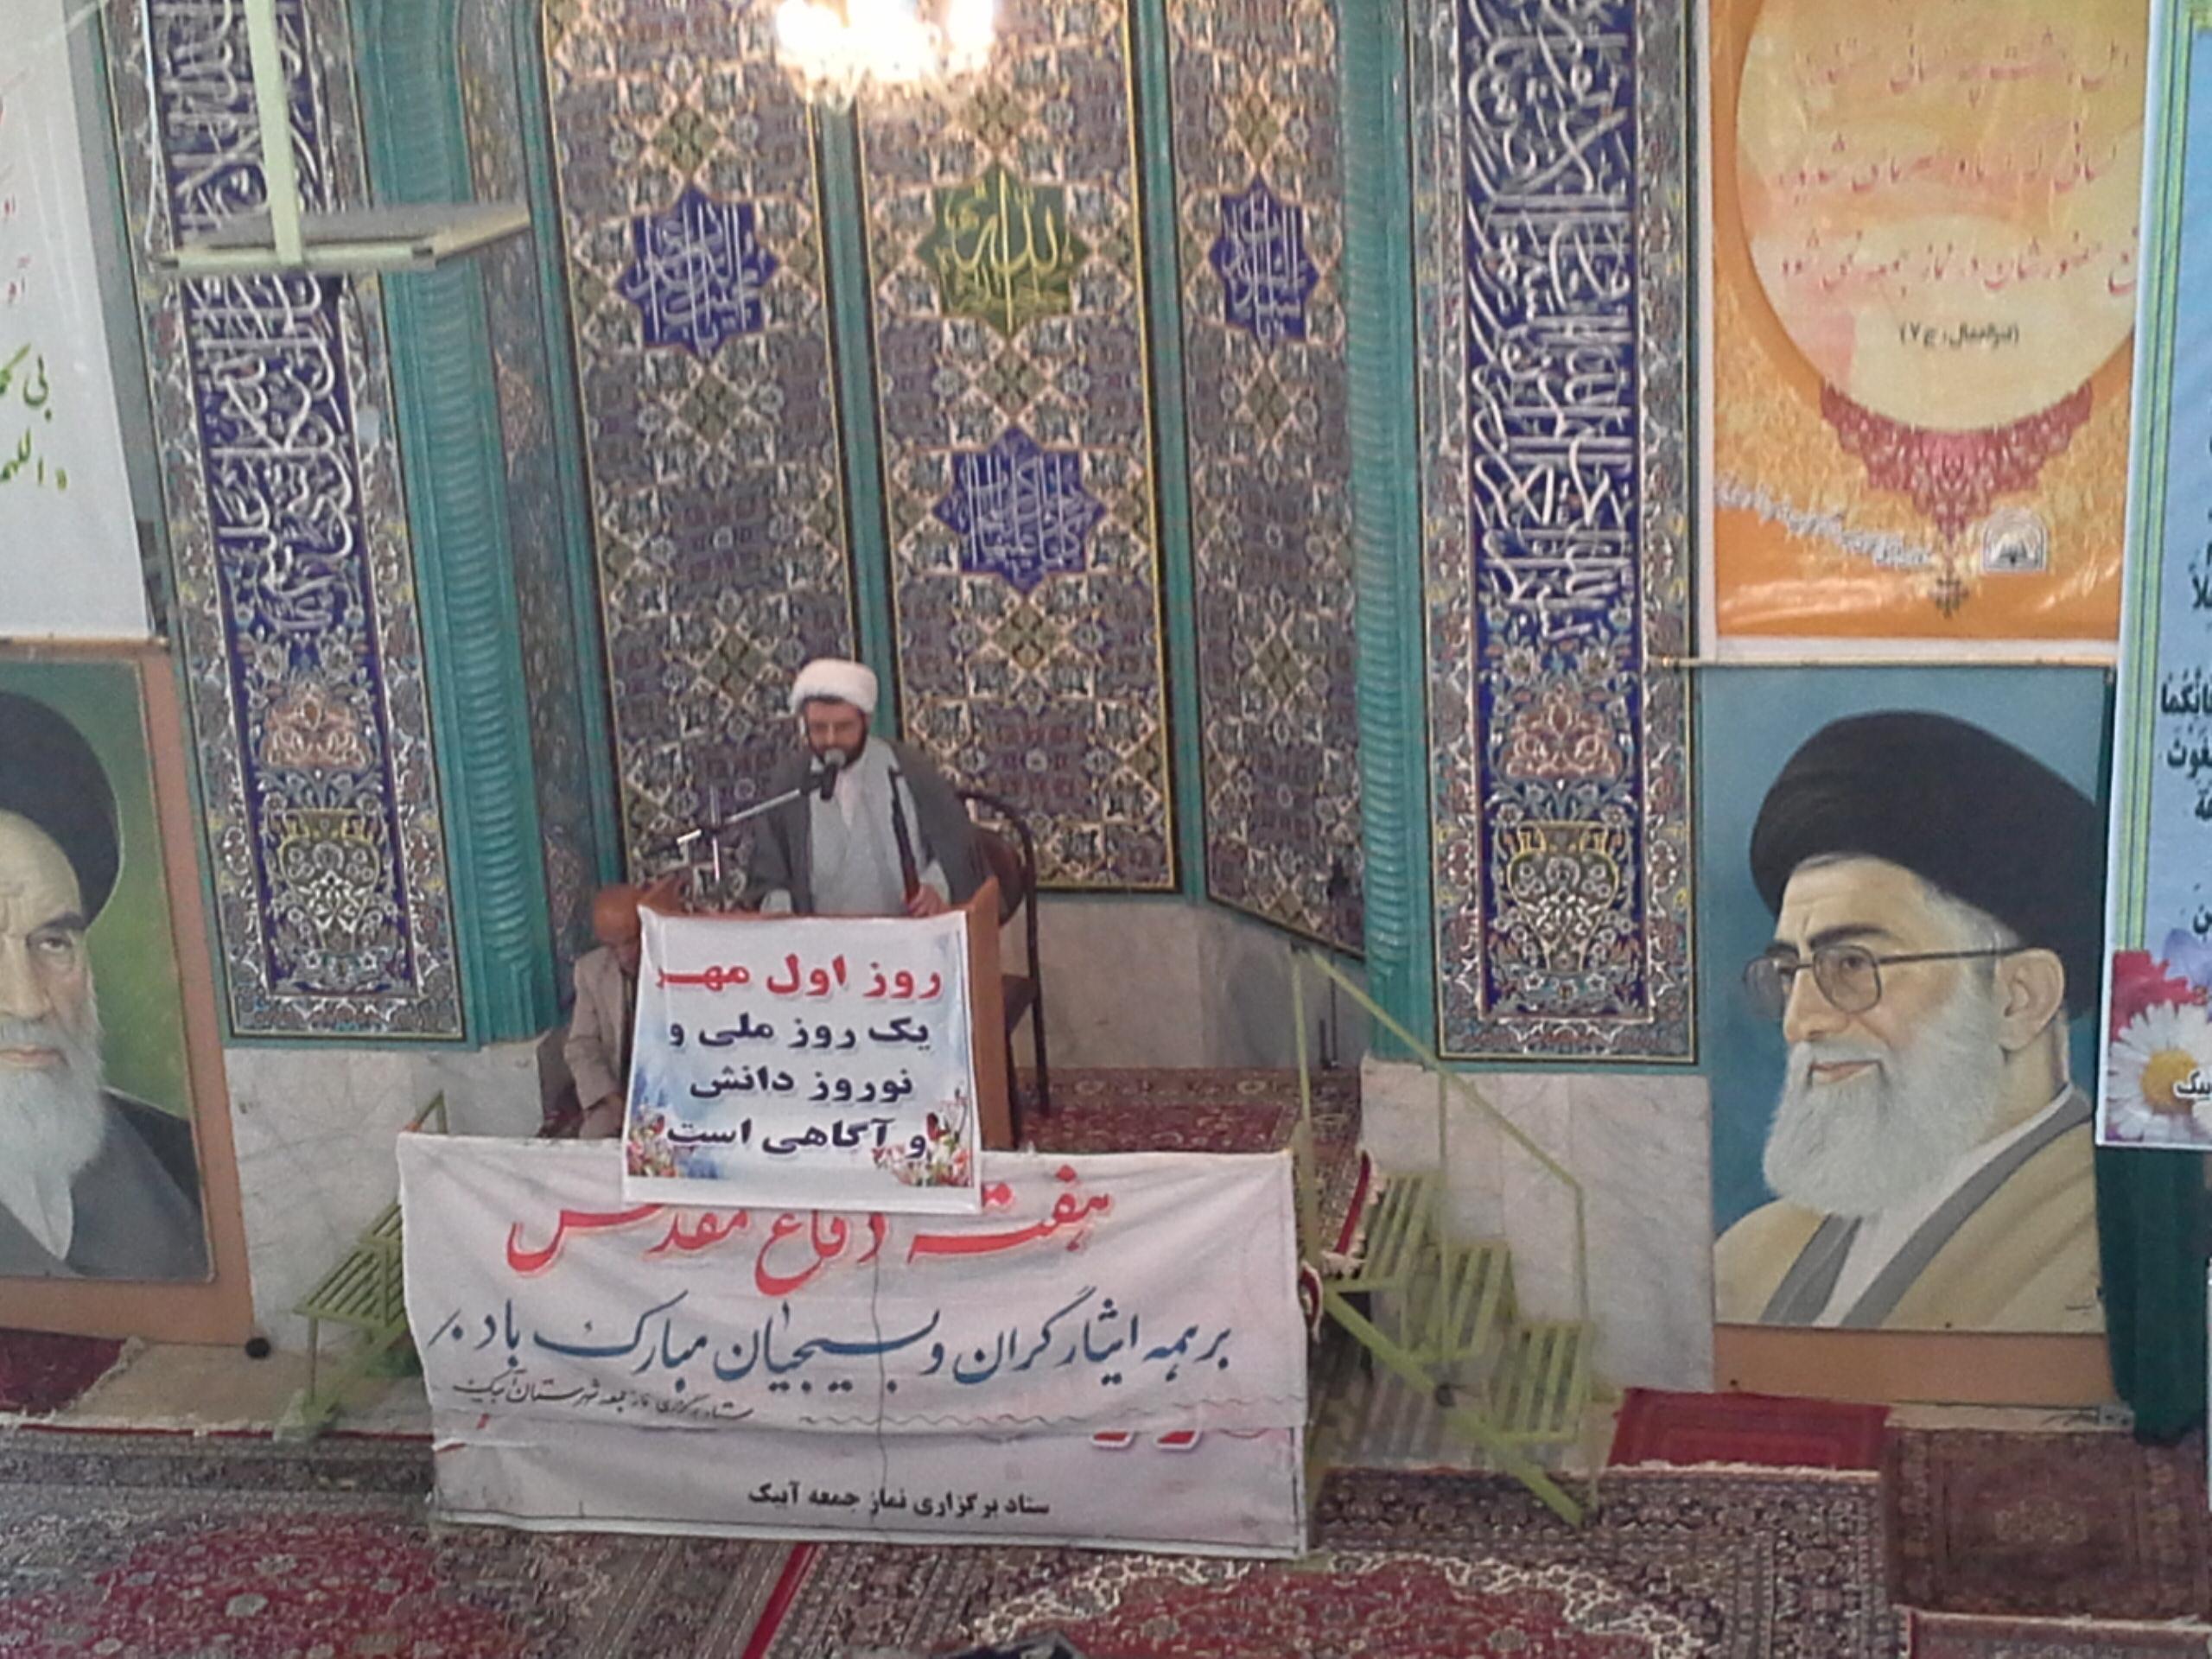 هر توافقنامه ای که موجبات نفوذ دشمن در کشور را فراهم کند حرام است